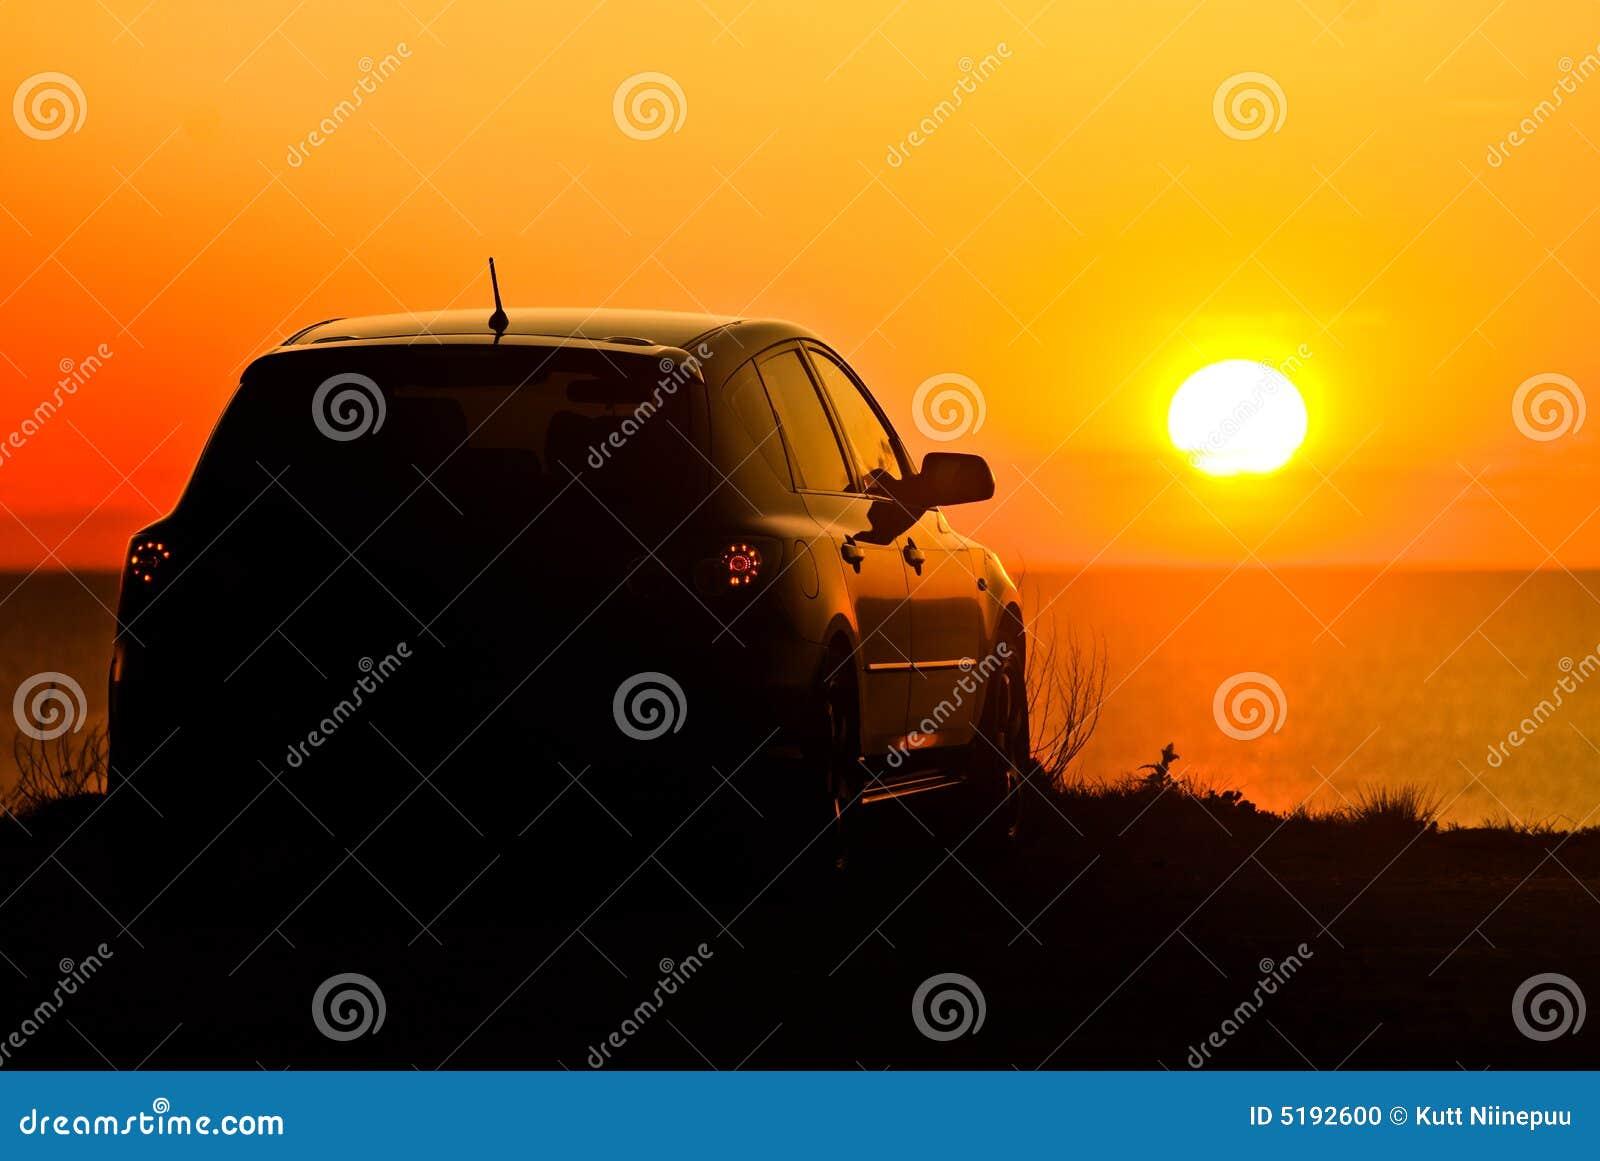 Auto und Einstellungssonne